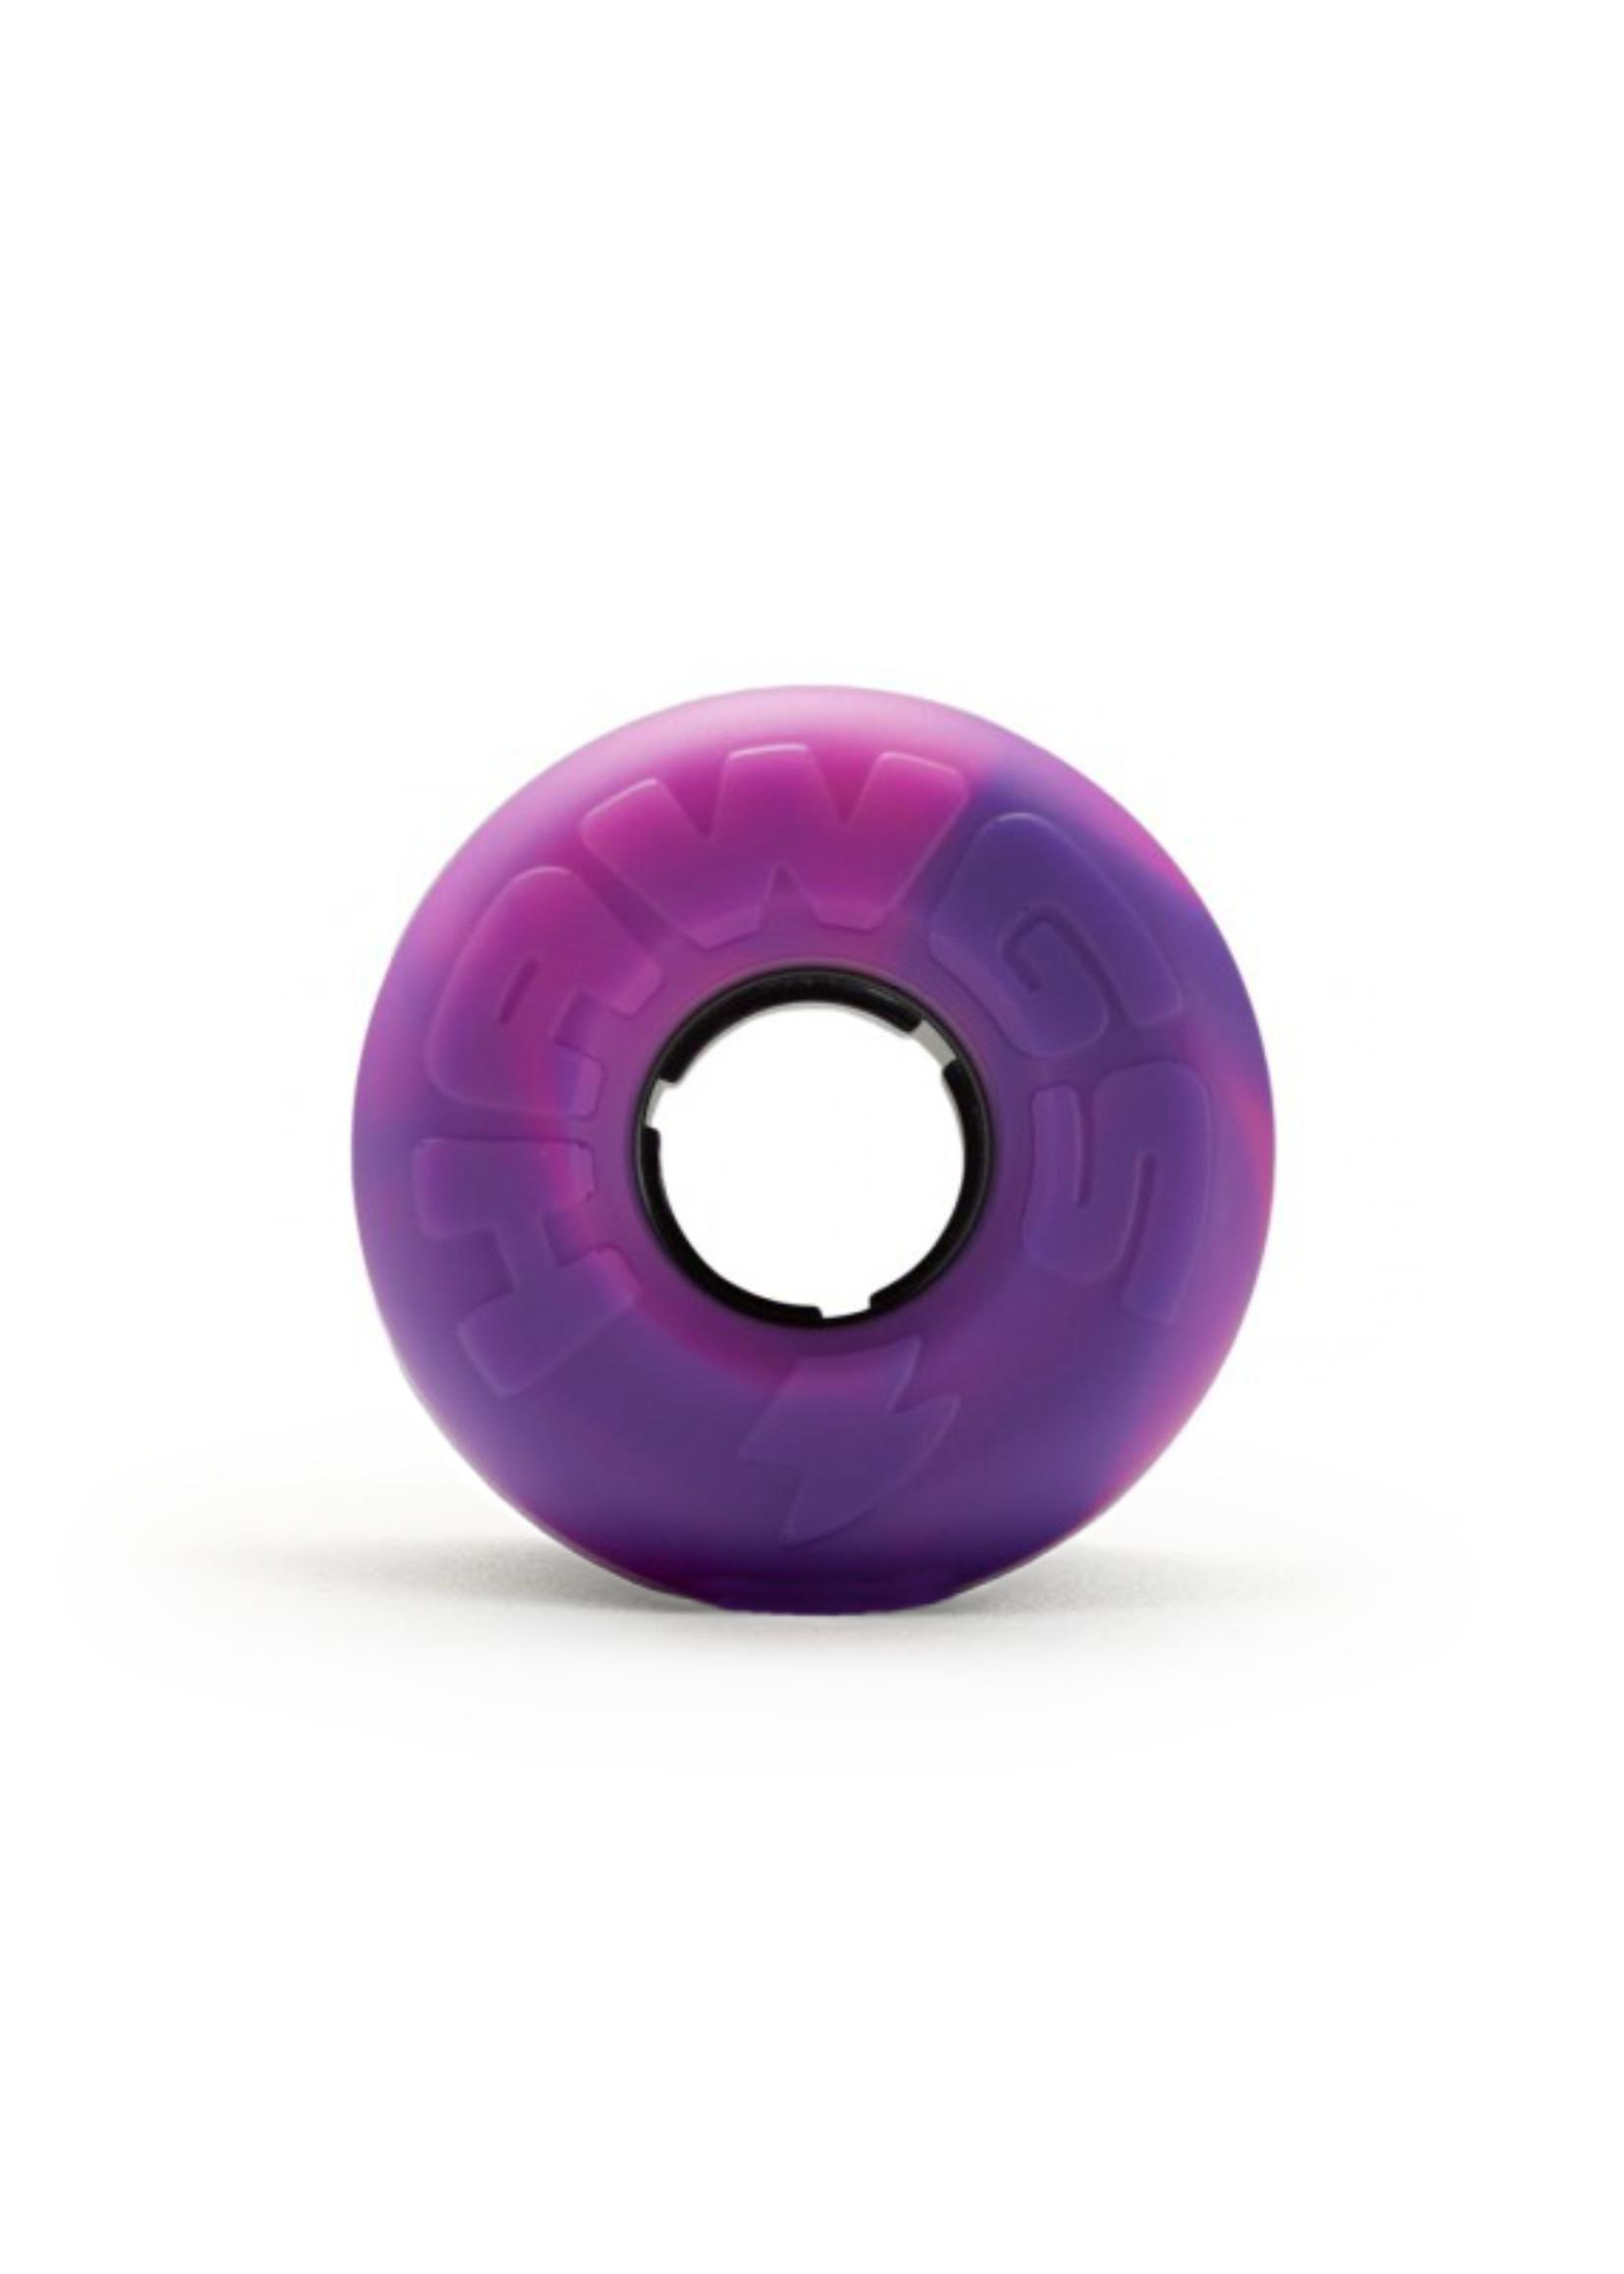 Hawgs Wheels Hawgs Lil' EZ Rollen 60 mm 78A Pink/Purple Swirl 4er-Set